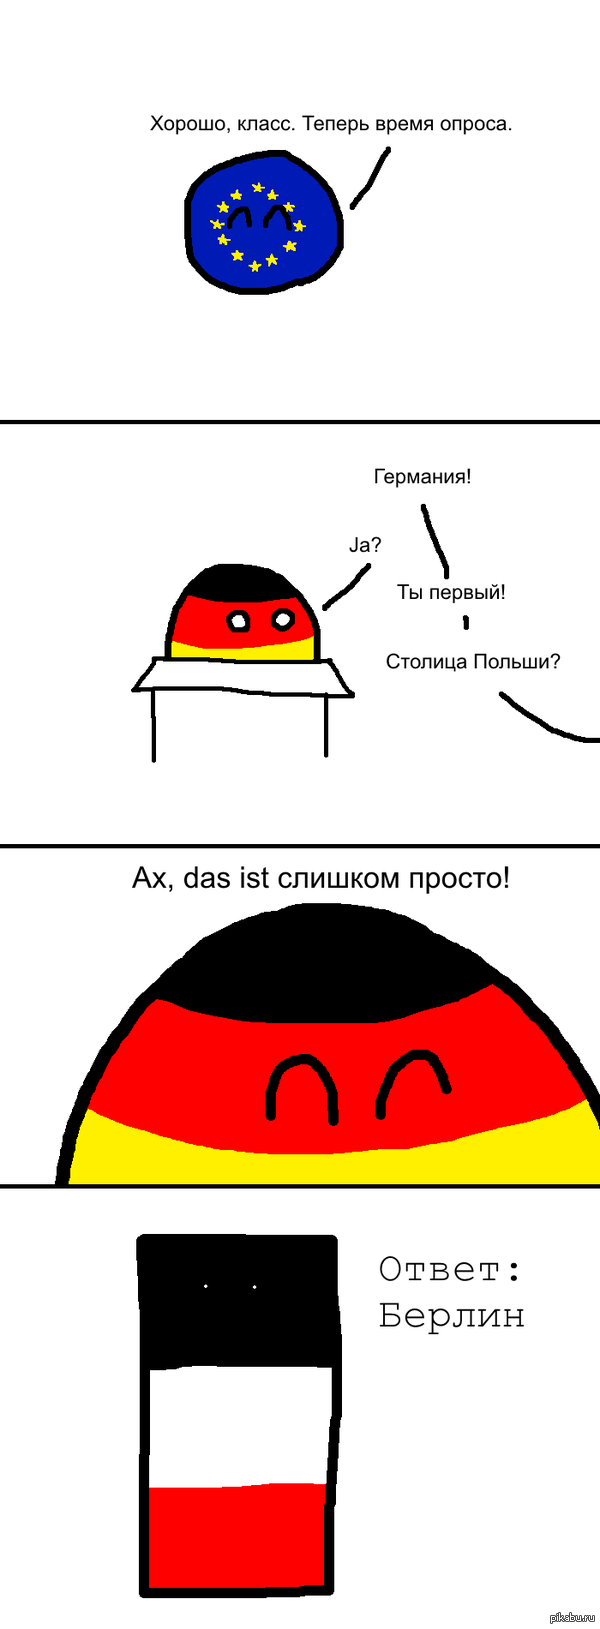 Столица Польши?